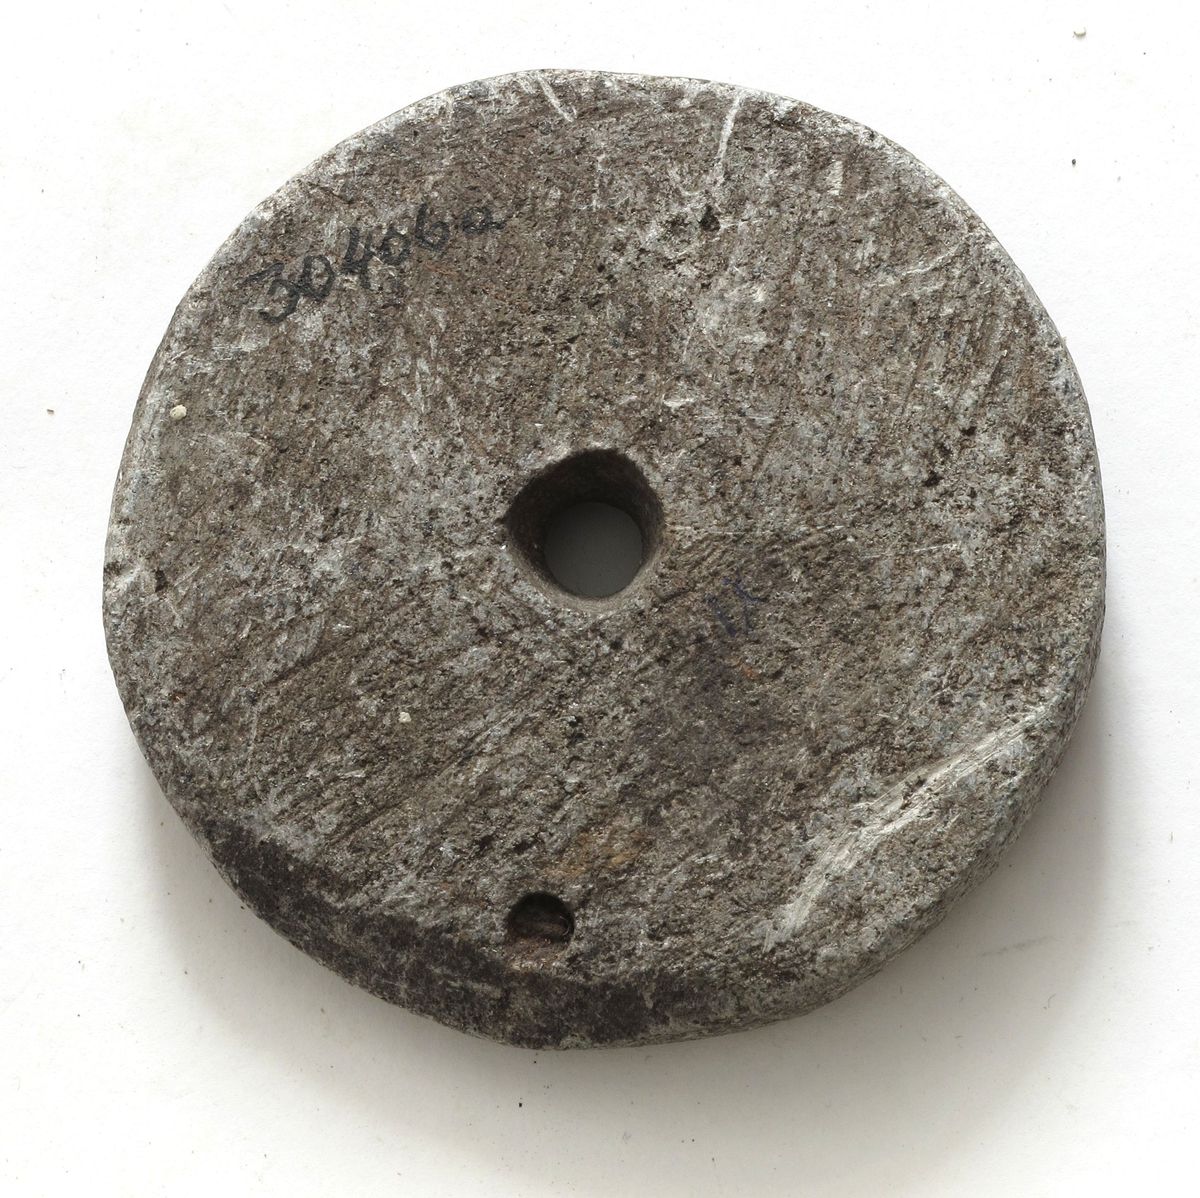 """Skiveformet hjul av lys grå kleber, """"Kjerringrokk"""", til drillbor. Nær kanten er et lite gjennomgående hull med isittende jern. På den ene side løper en grunn fure langs kanten, mellom denne og det forannevnte hull."""